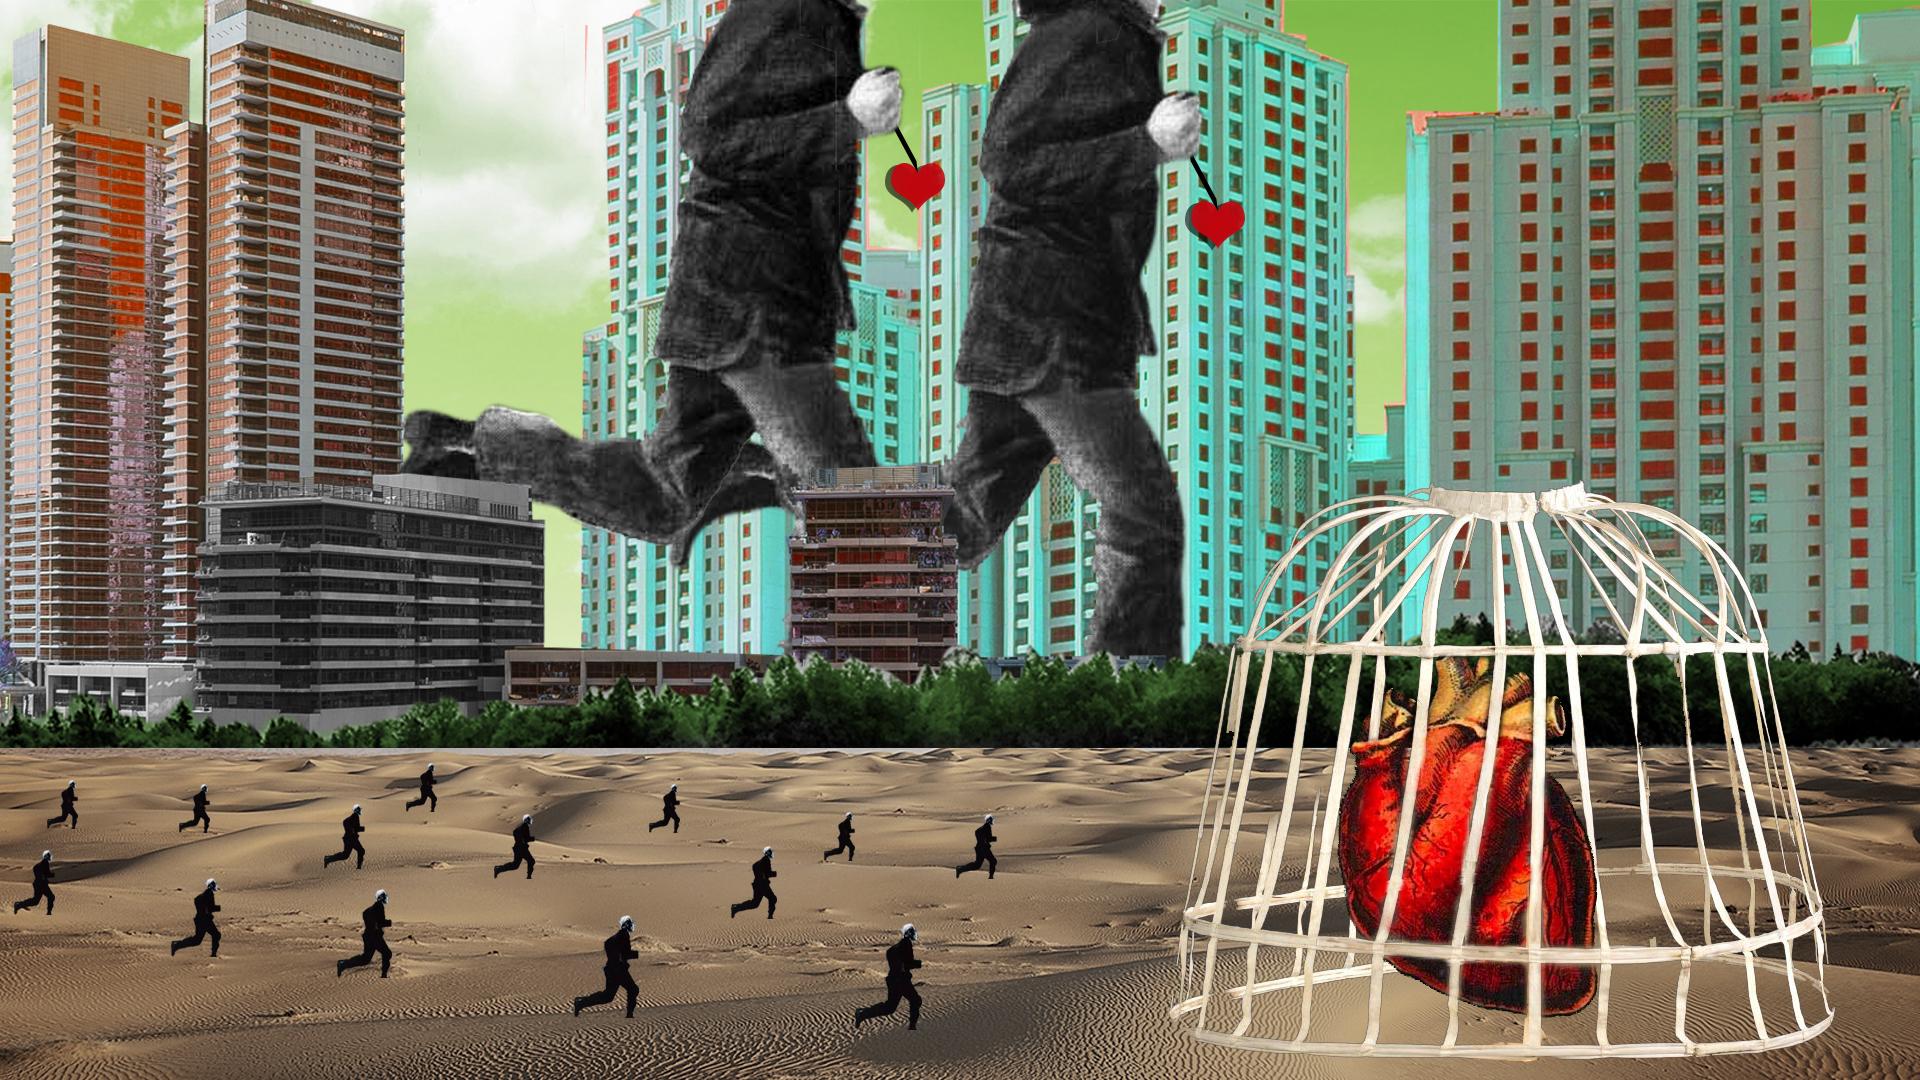 Collage surrealista rascacielos al fondo y hombres corriendo gigantes y pequeño. Corazón en una jaula. Loco Mundo Arte y Bohemia.